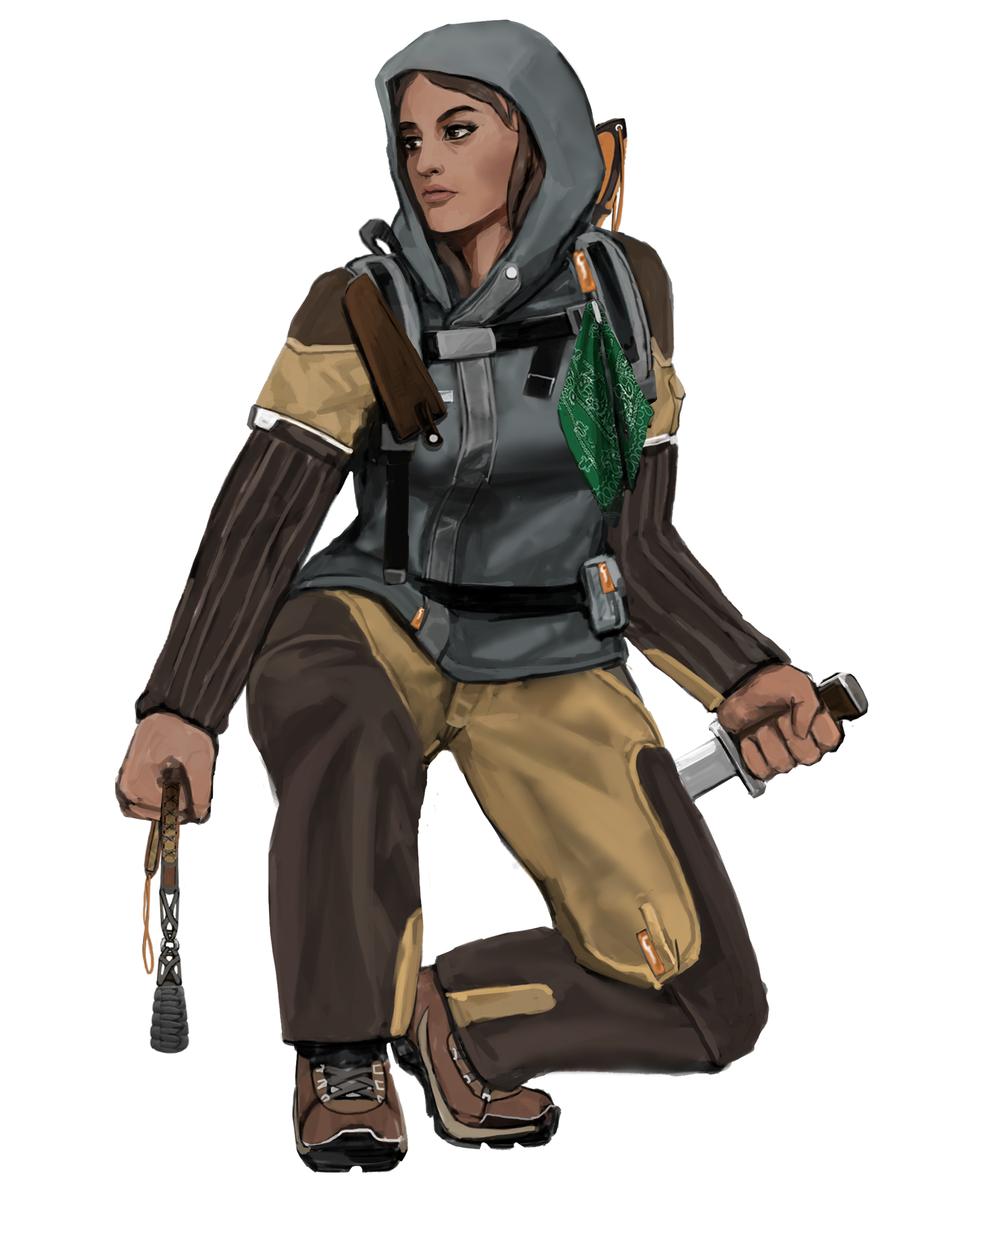 Seeker - The Scout